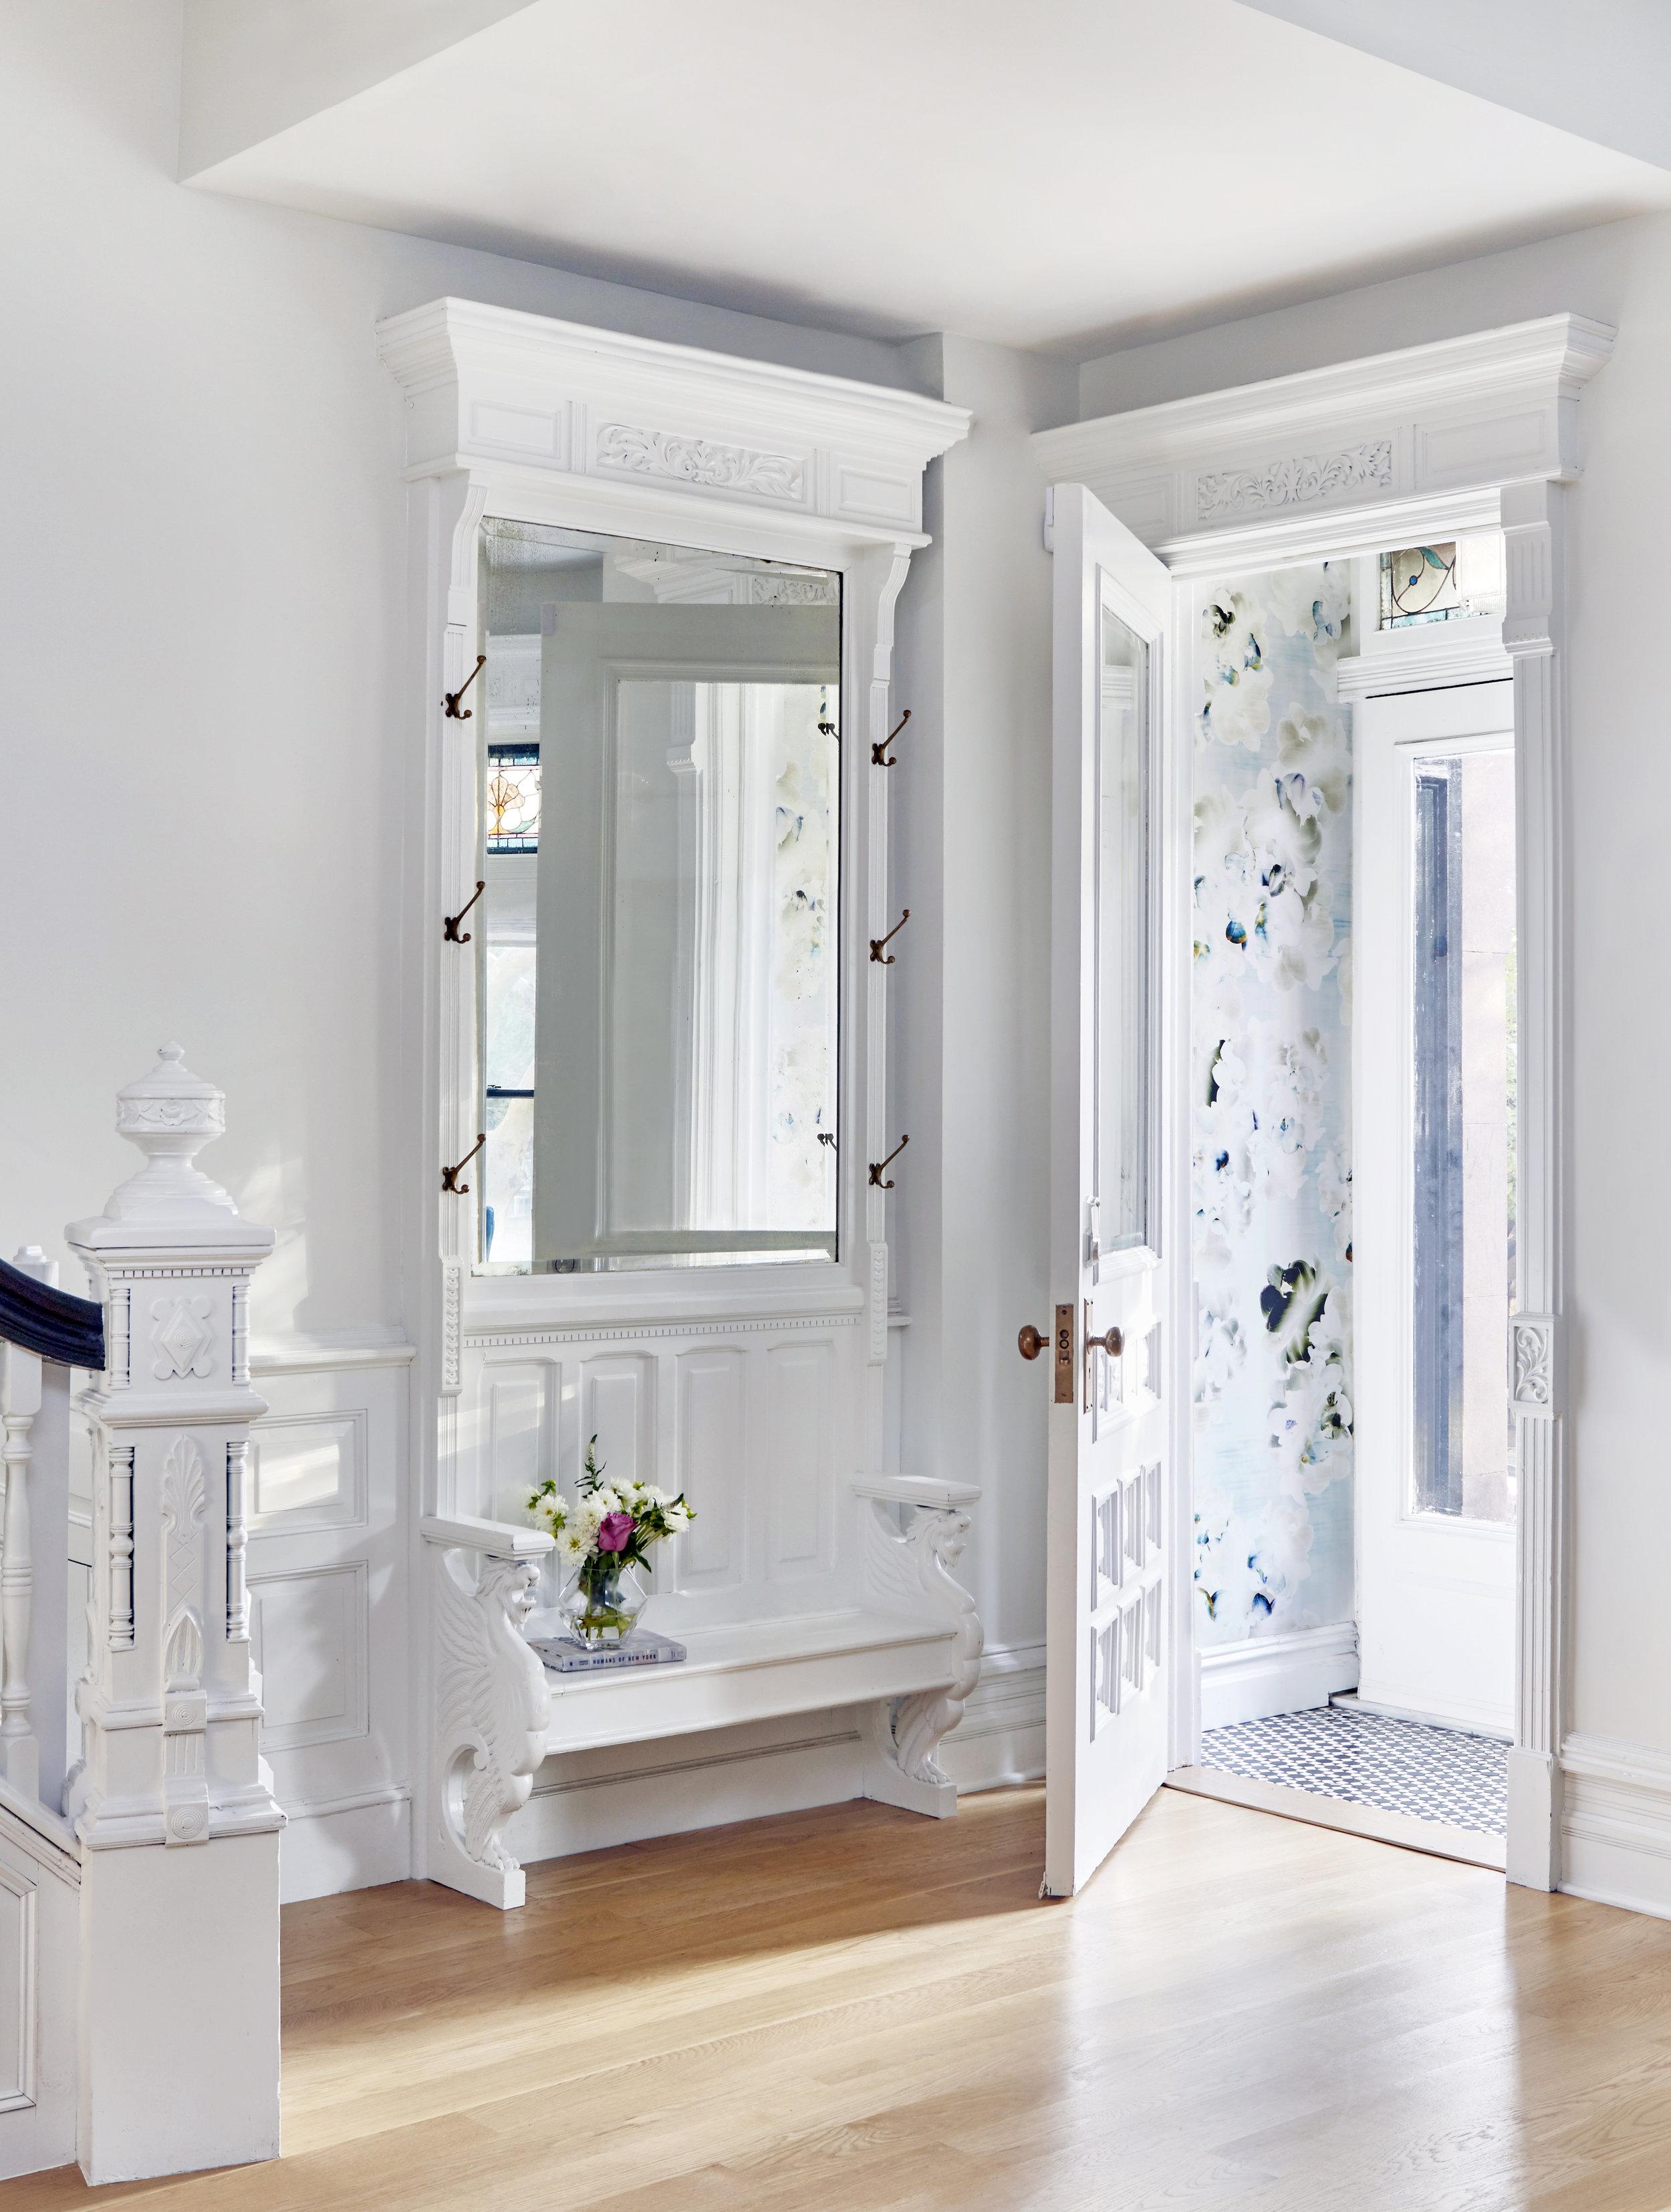 Entry-Floral-Wallpaper-Park-Slope-White-JMorris-Design.jpg